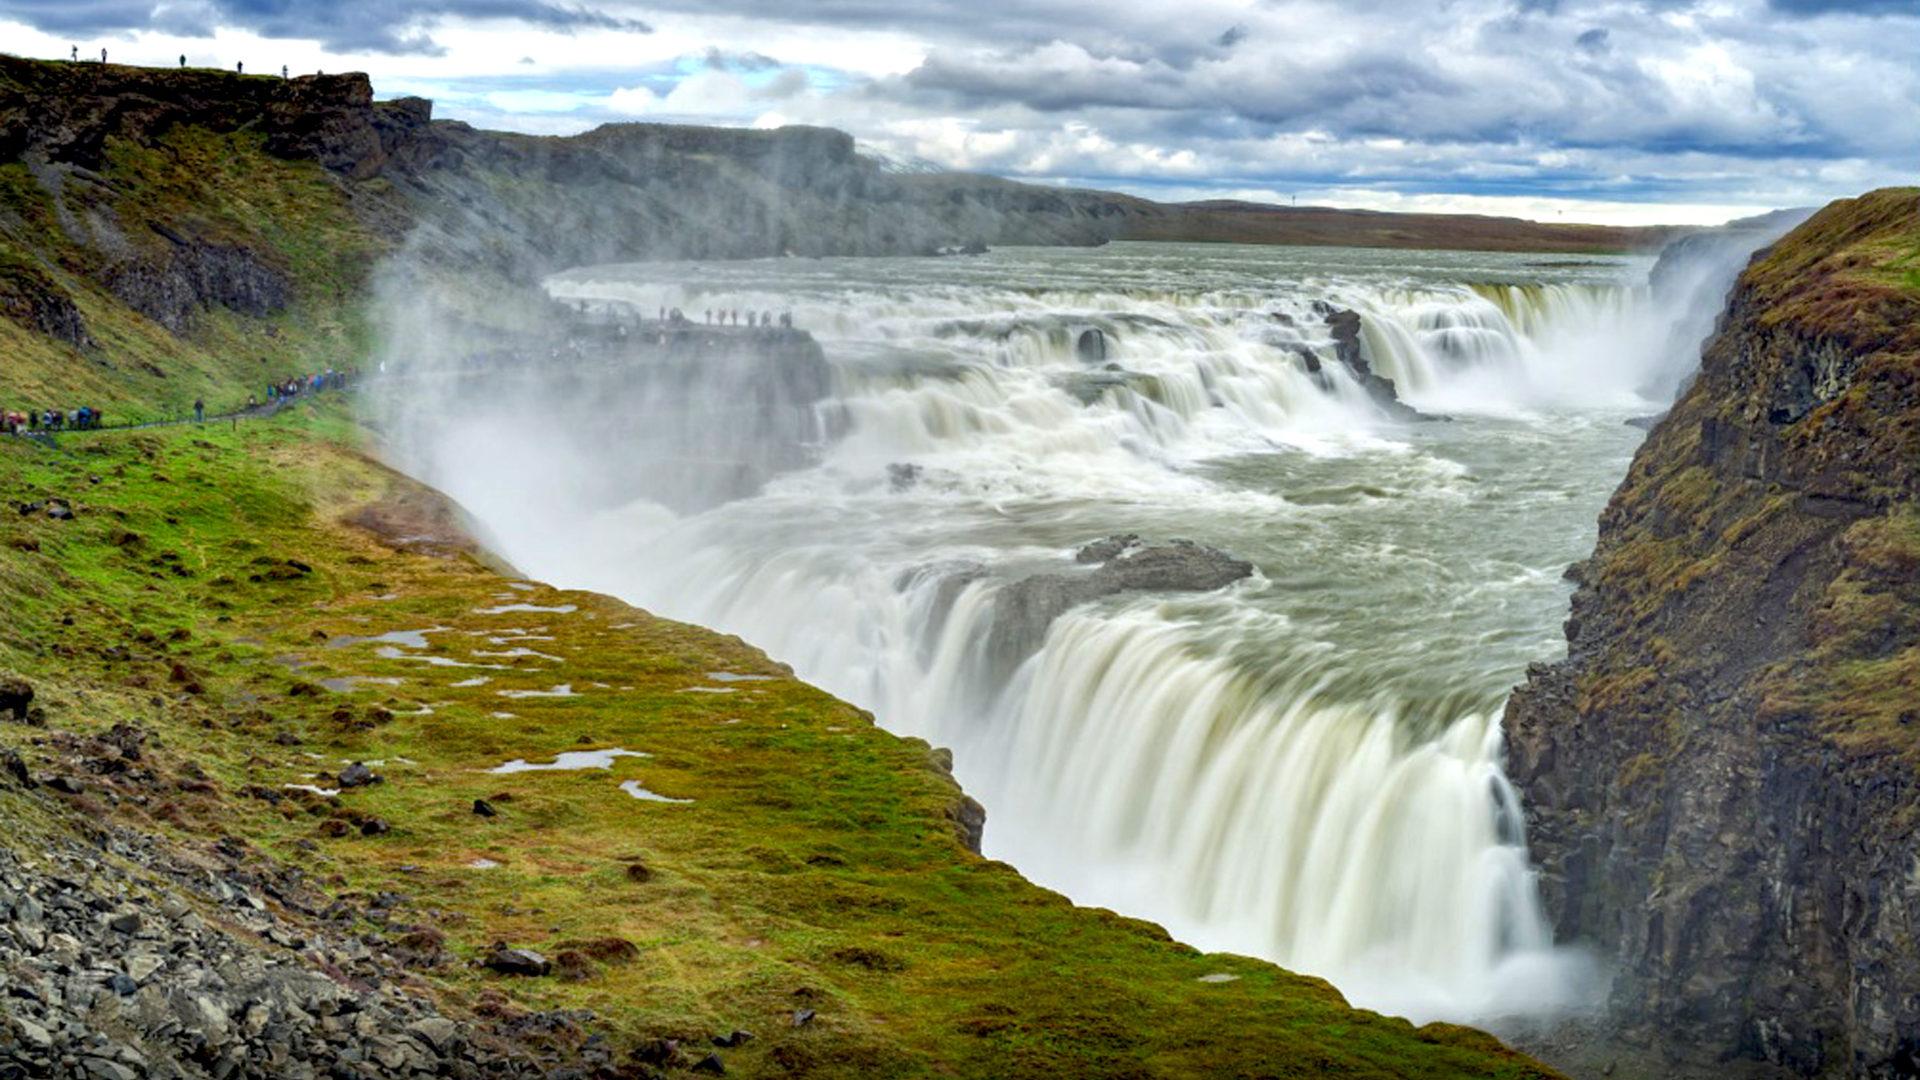 Free Wallpaper Fall 1600x900 Gullfoss Waterfall In Iceland Desktop Wallpaper Hd